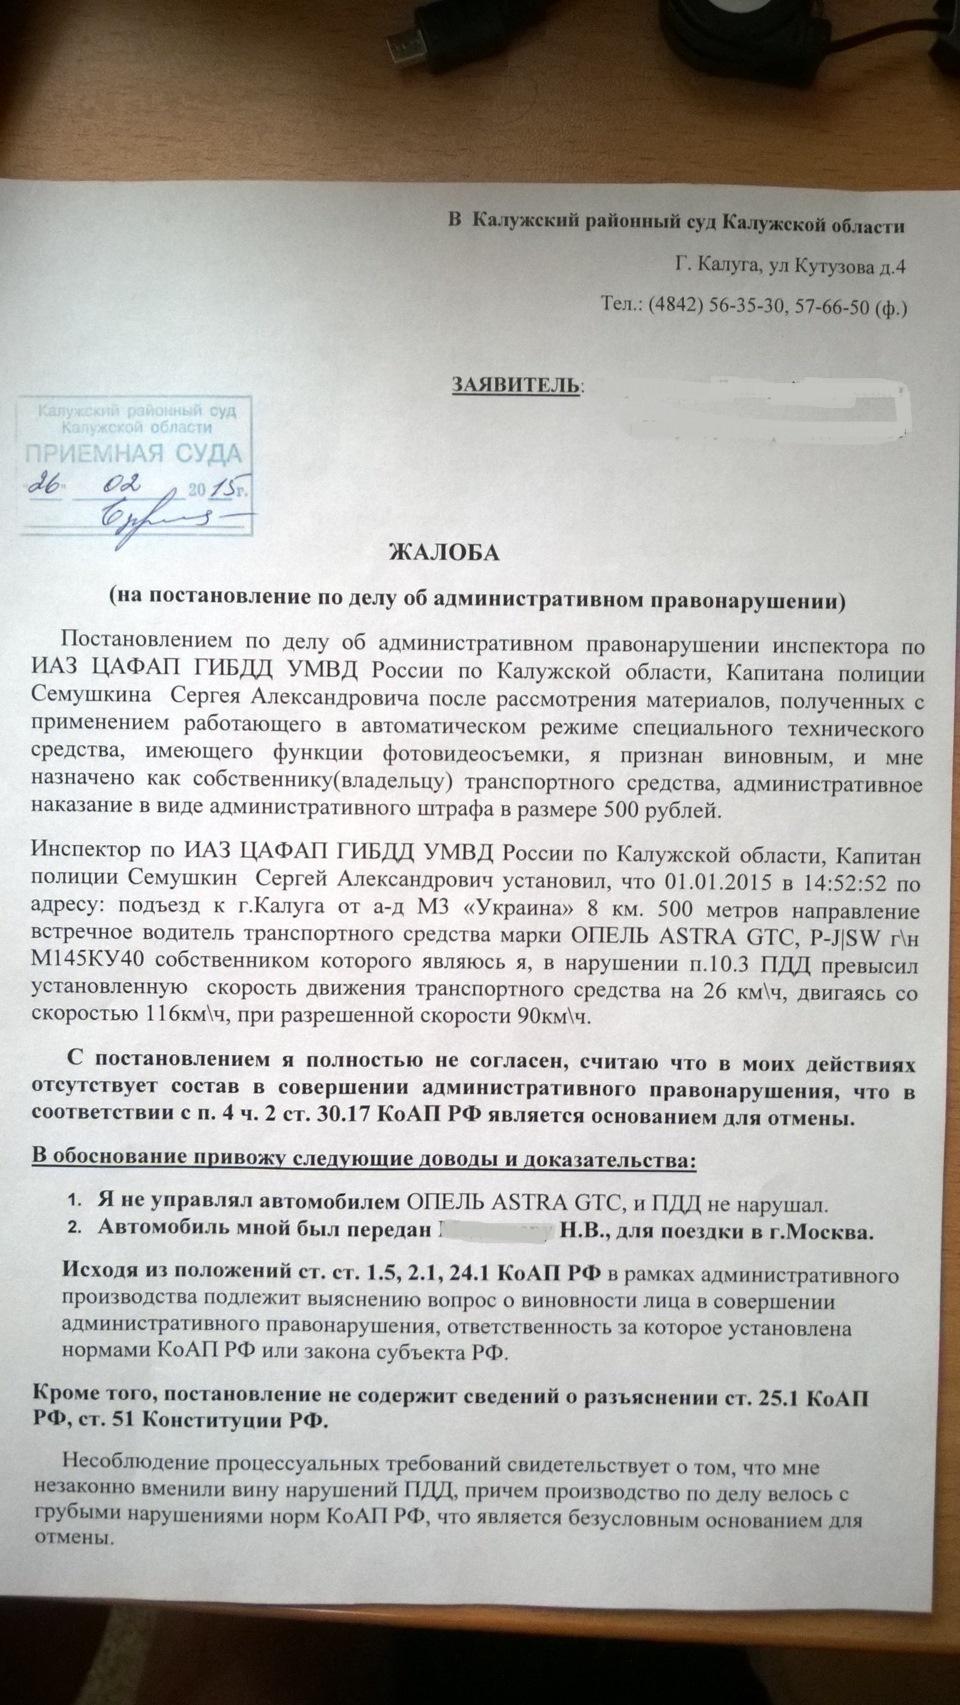 образец обжалования штрафа за неправильную парковку станции метро: Перово